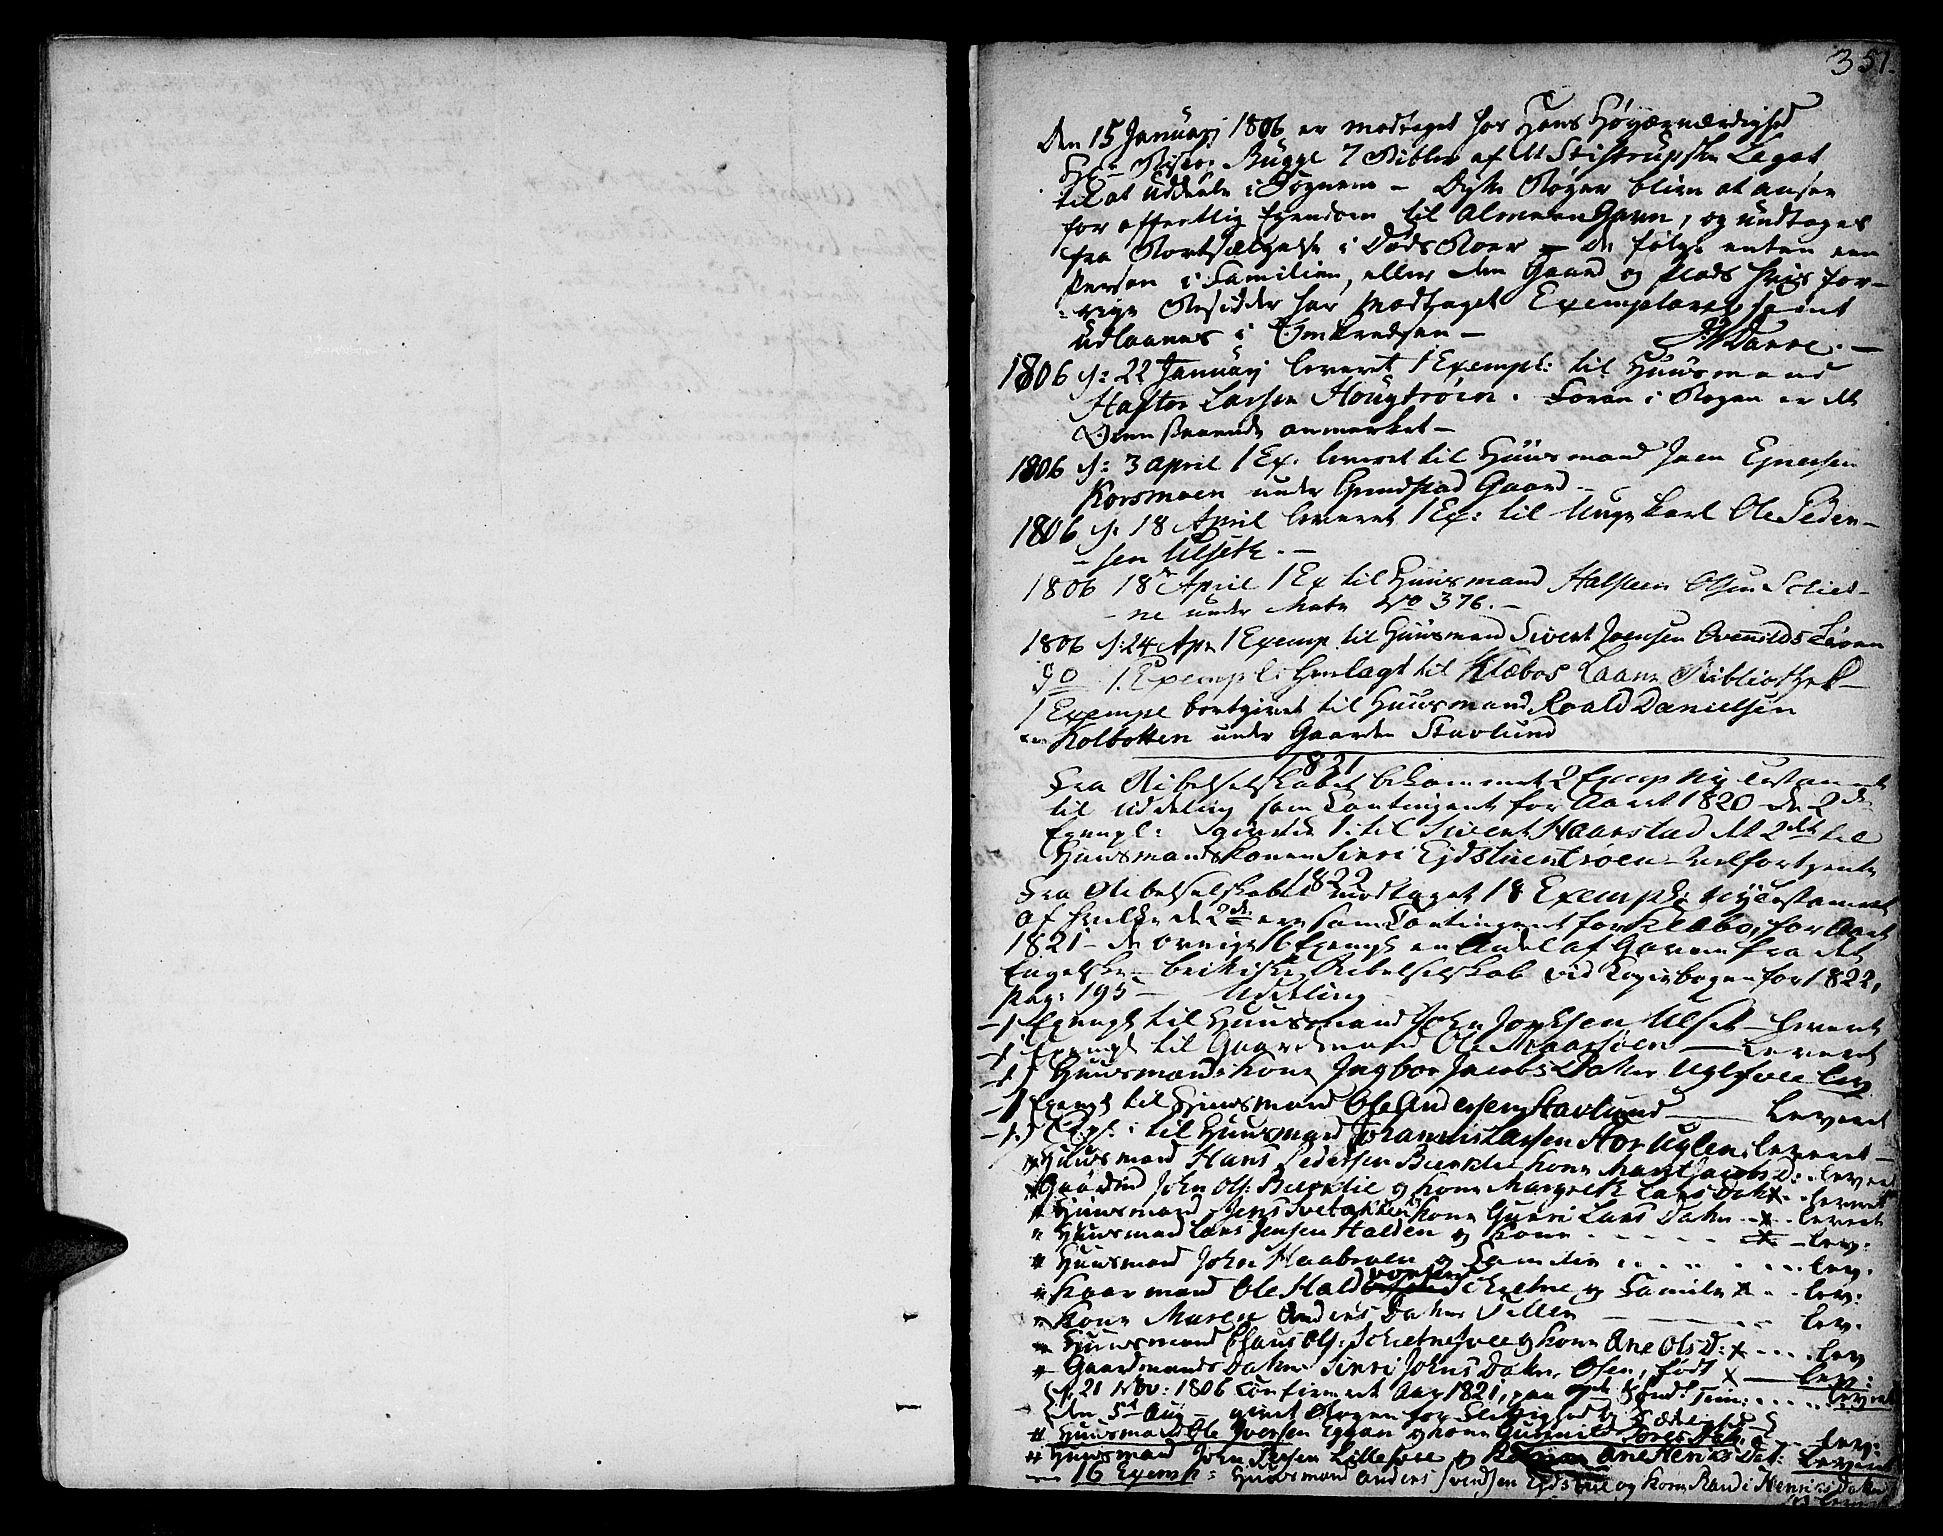 SAT, Ministerialprotokoller, klokkerbøker og fødselsregistre - Sør-Trøndelag, 618/L0438: Ministerialbok nr. 618A03, 1783-1815, s. 351